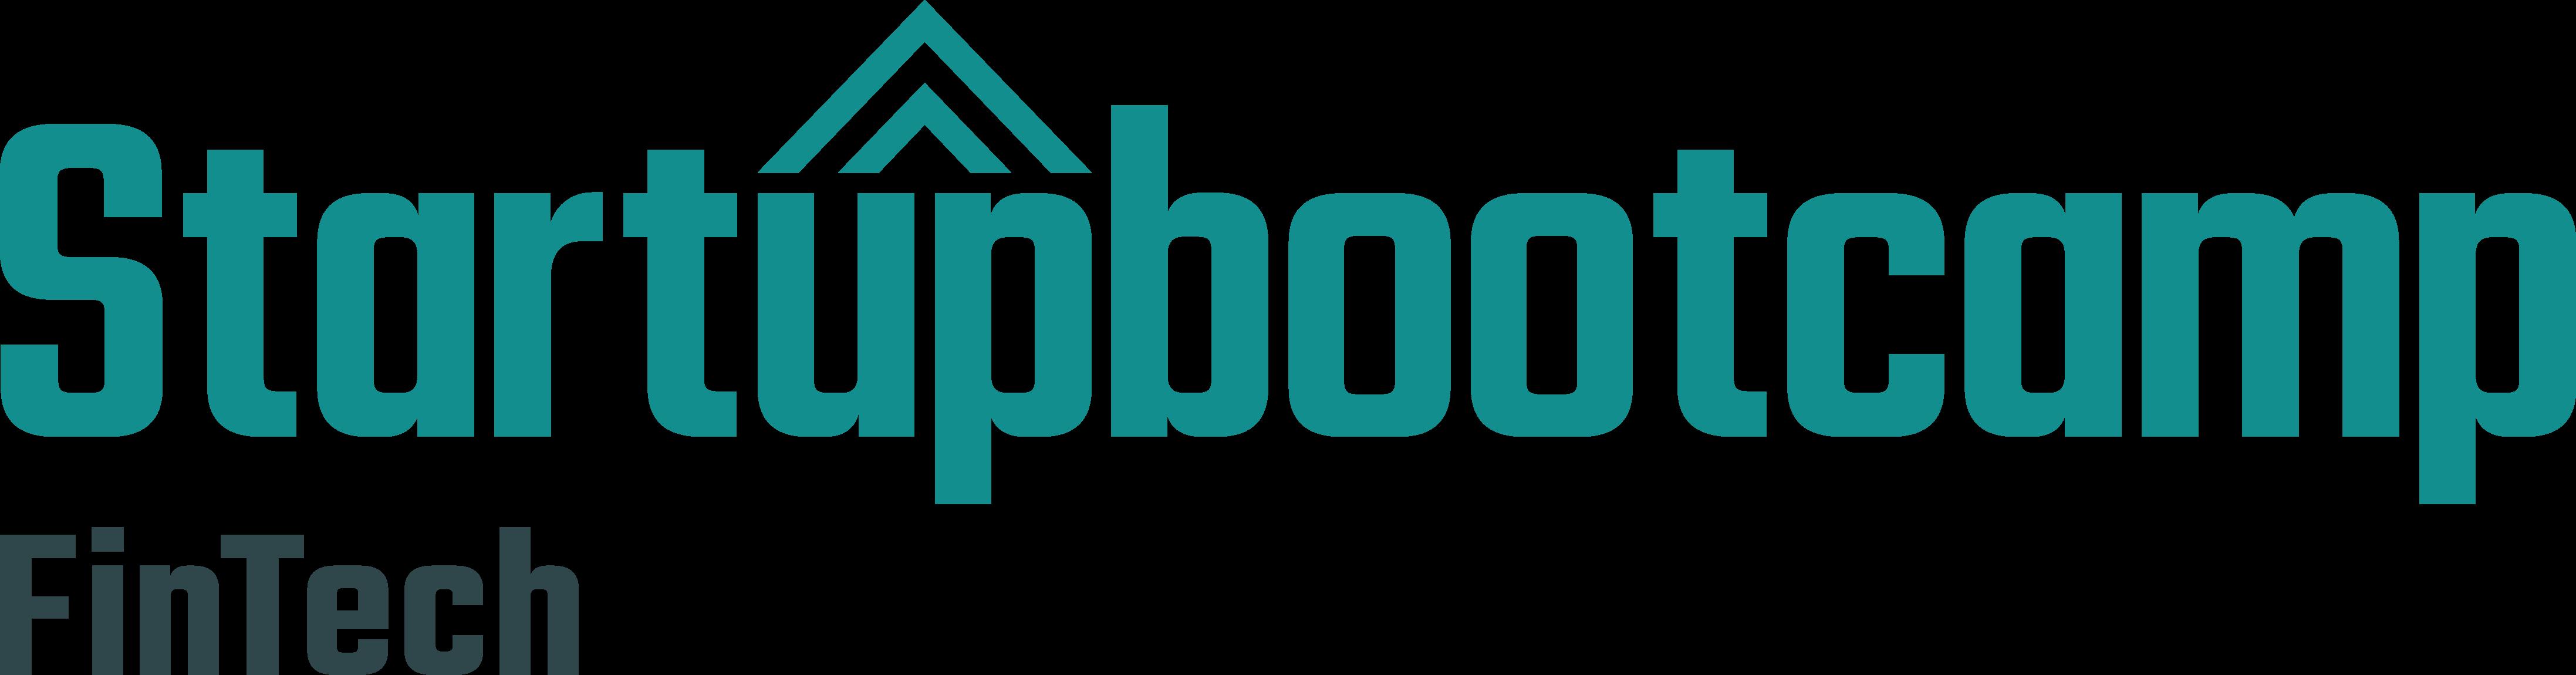 startupbootcamp FinTech